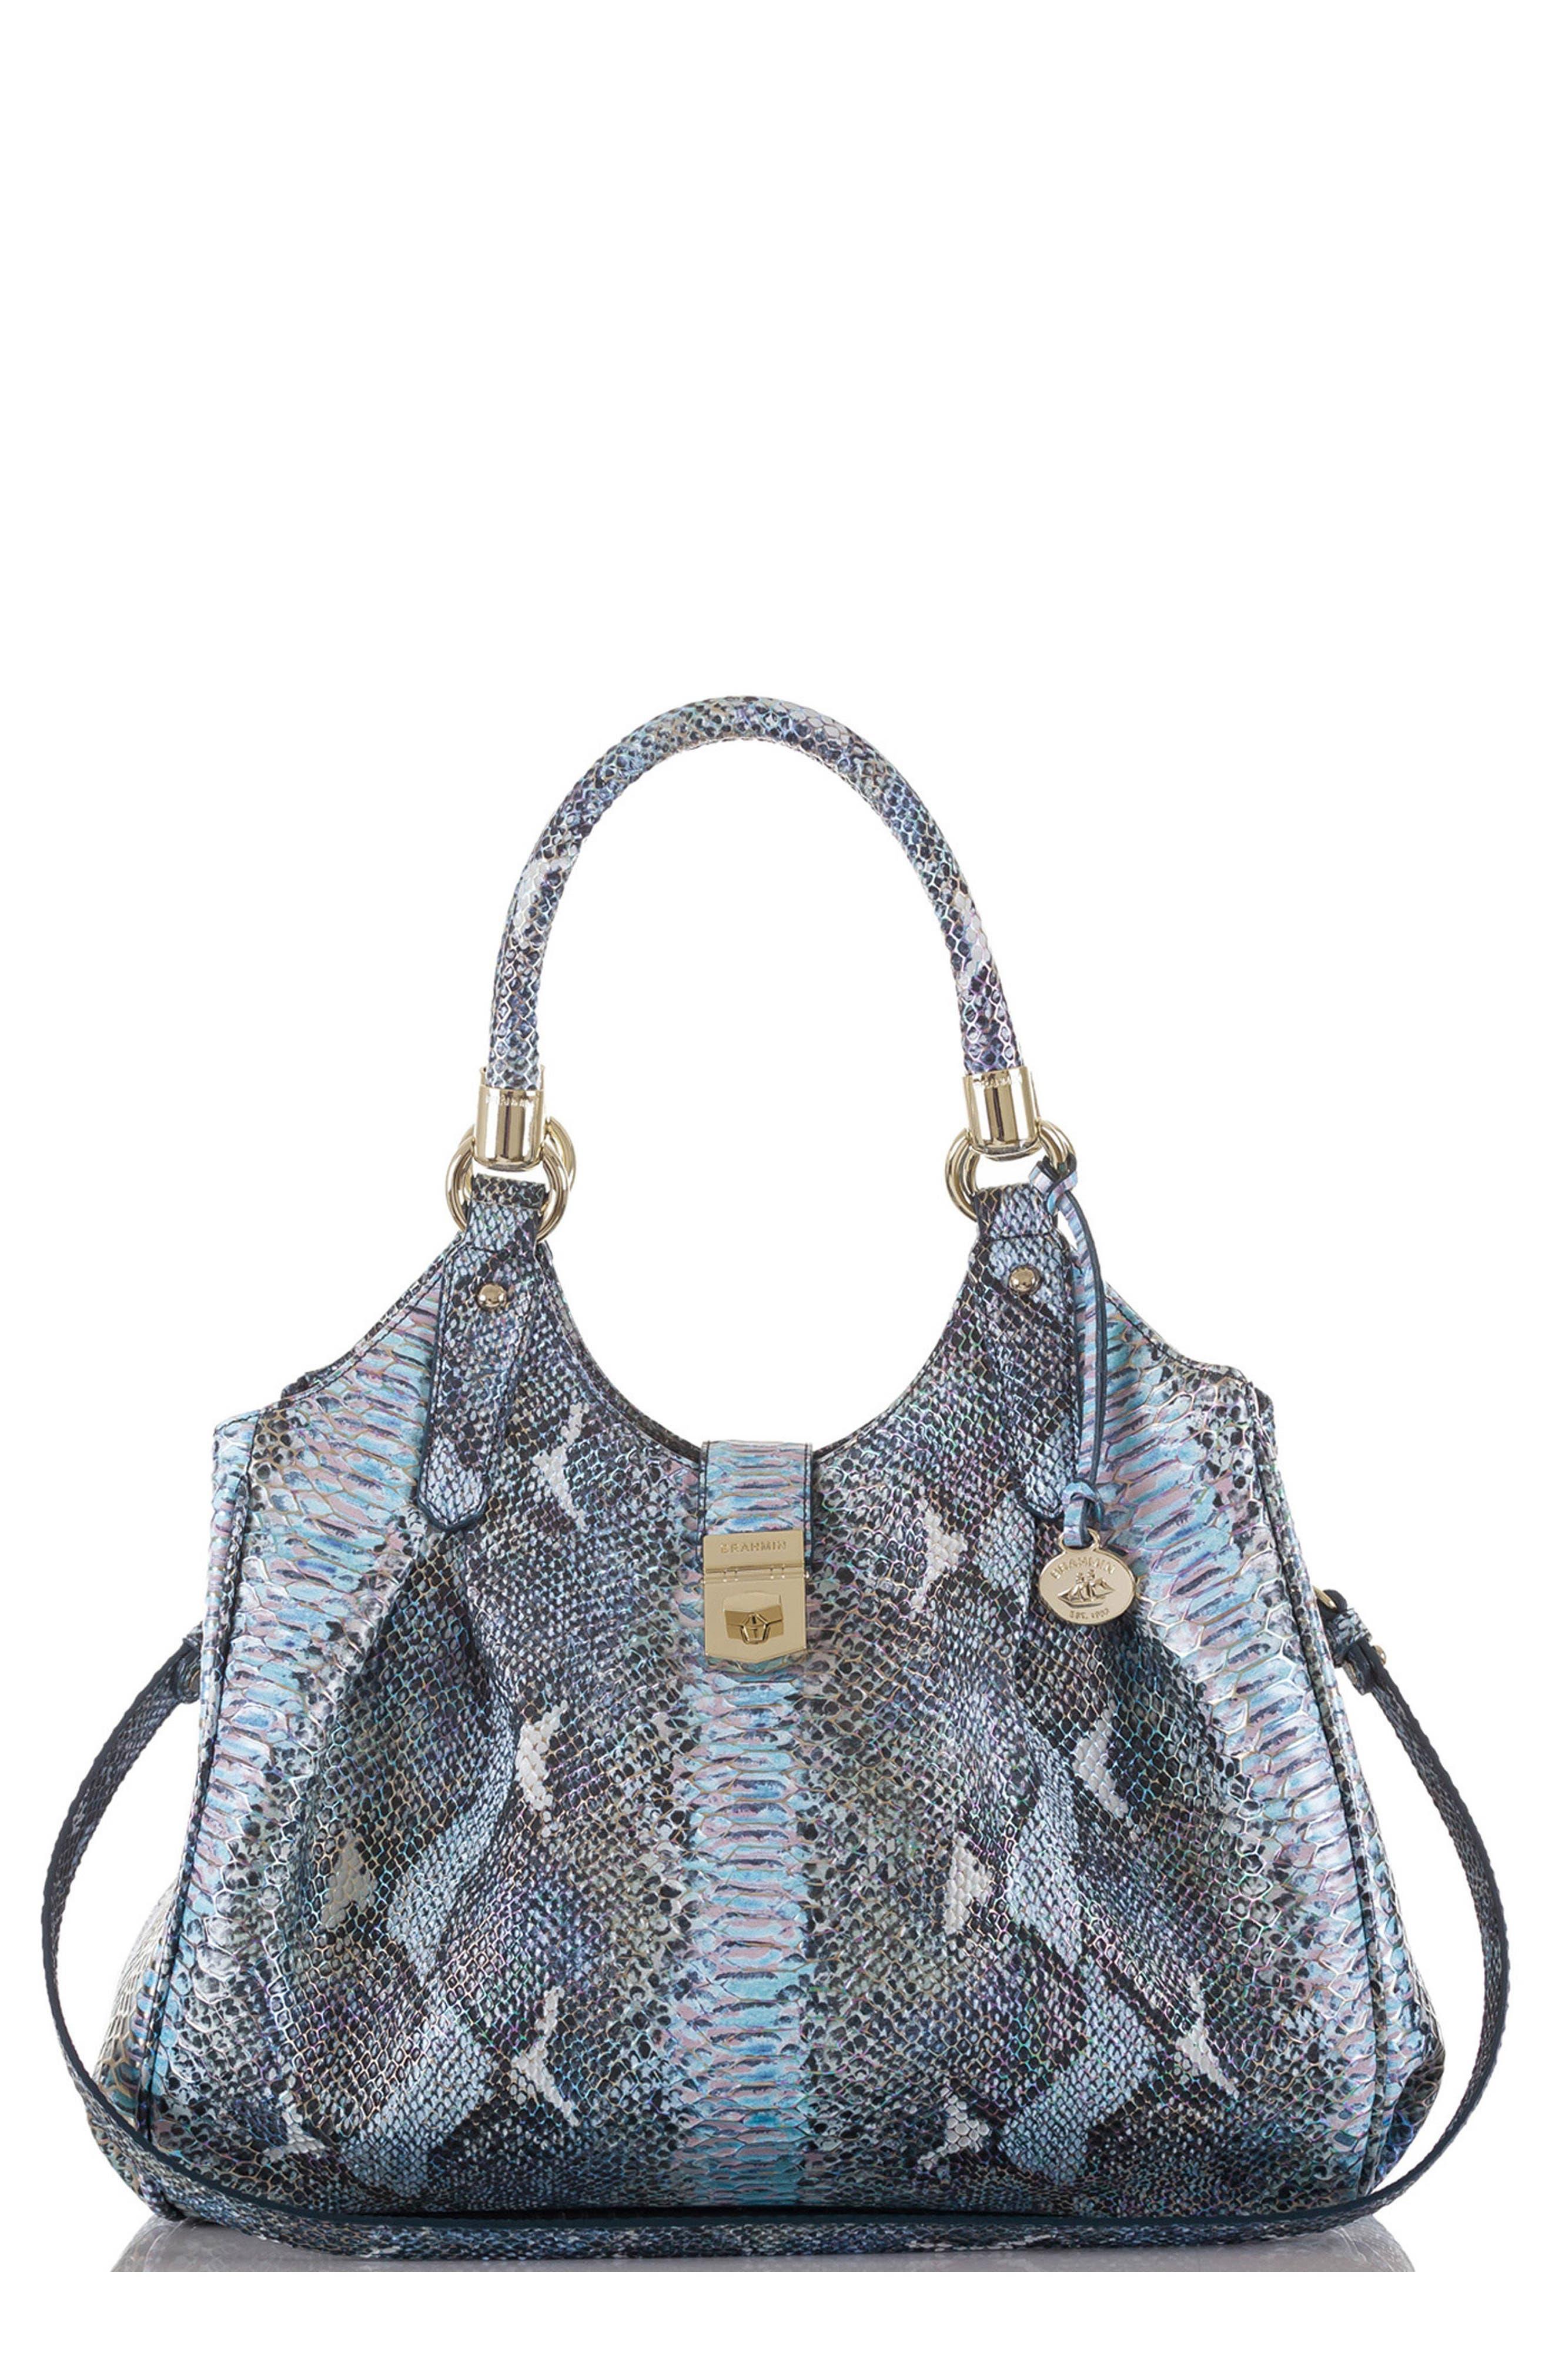 'Elisa' Leather Shopper,                             Main thumbnail 1, color,                             400